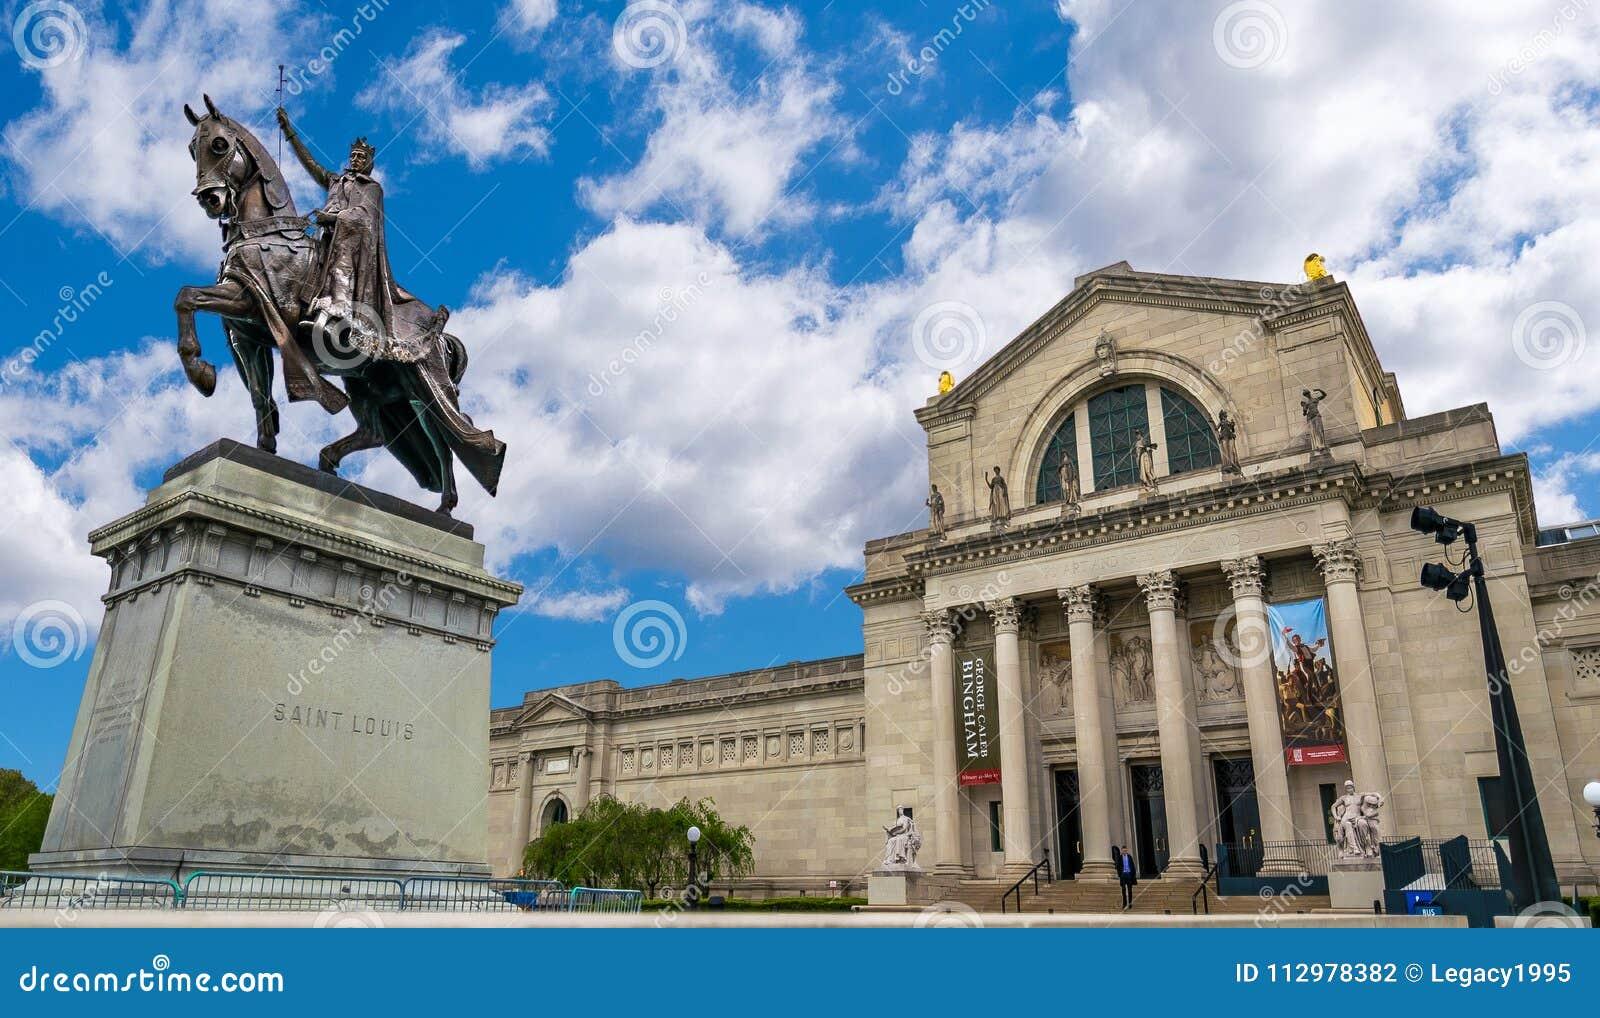 Saint Louis Equestrian Statue and Saint Louis Art Museum